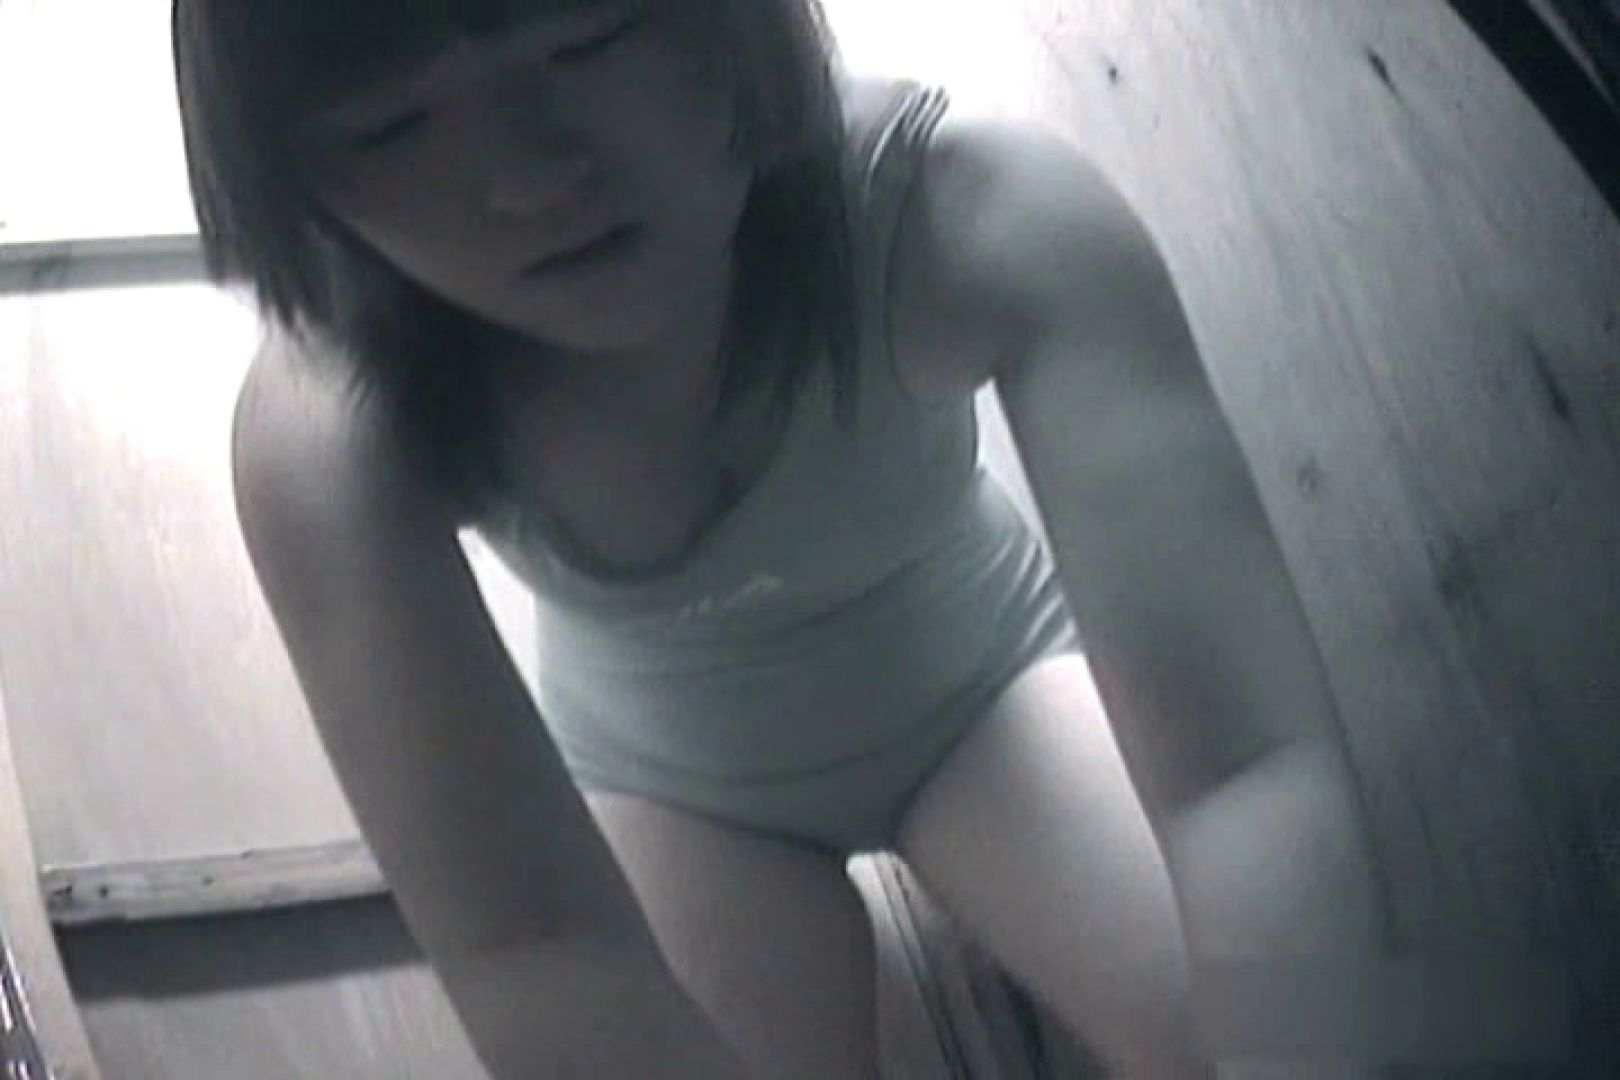 夏海シャワー室!ベトベトお肌をサラサラに!VOL.09 シャワー AV動画キャプチャ 76画像 33